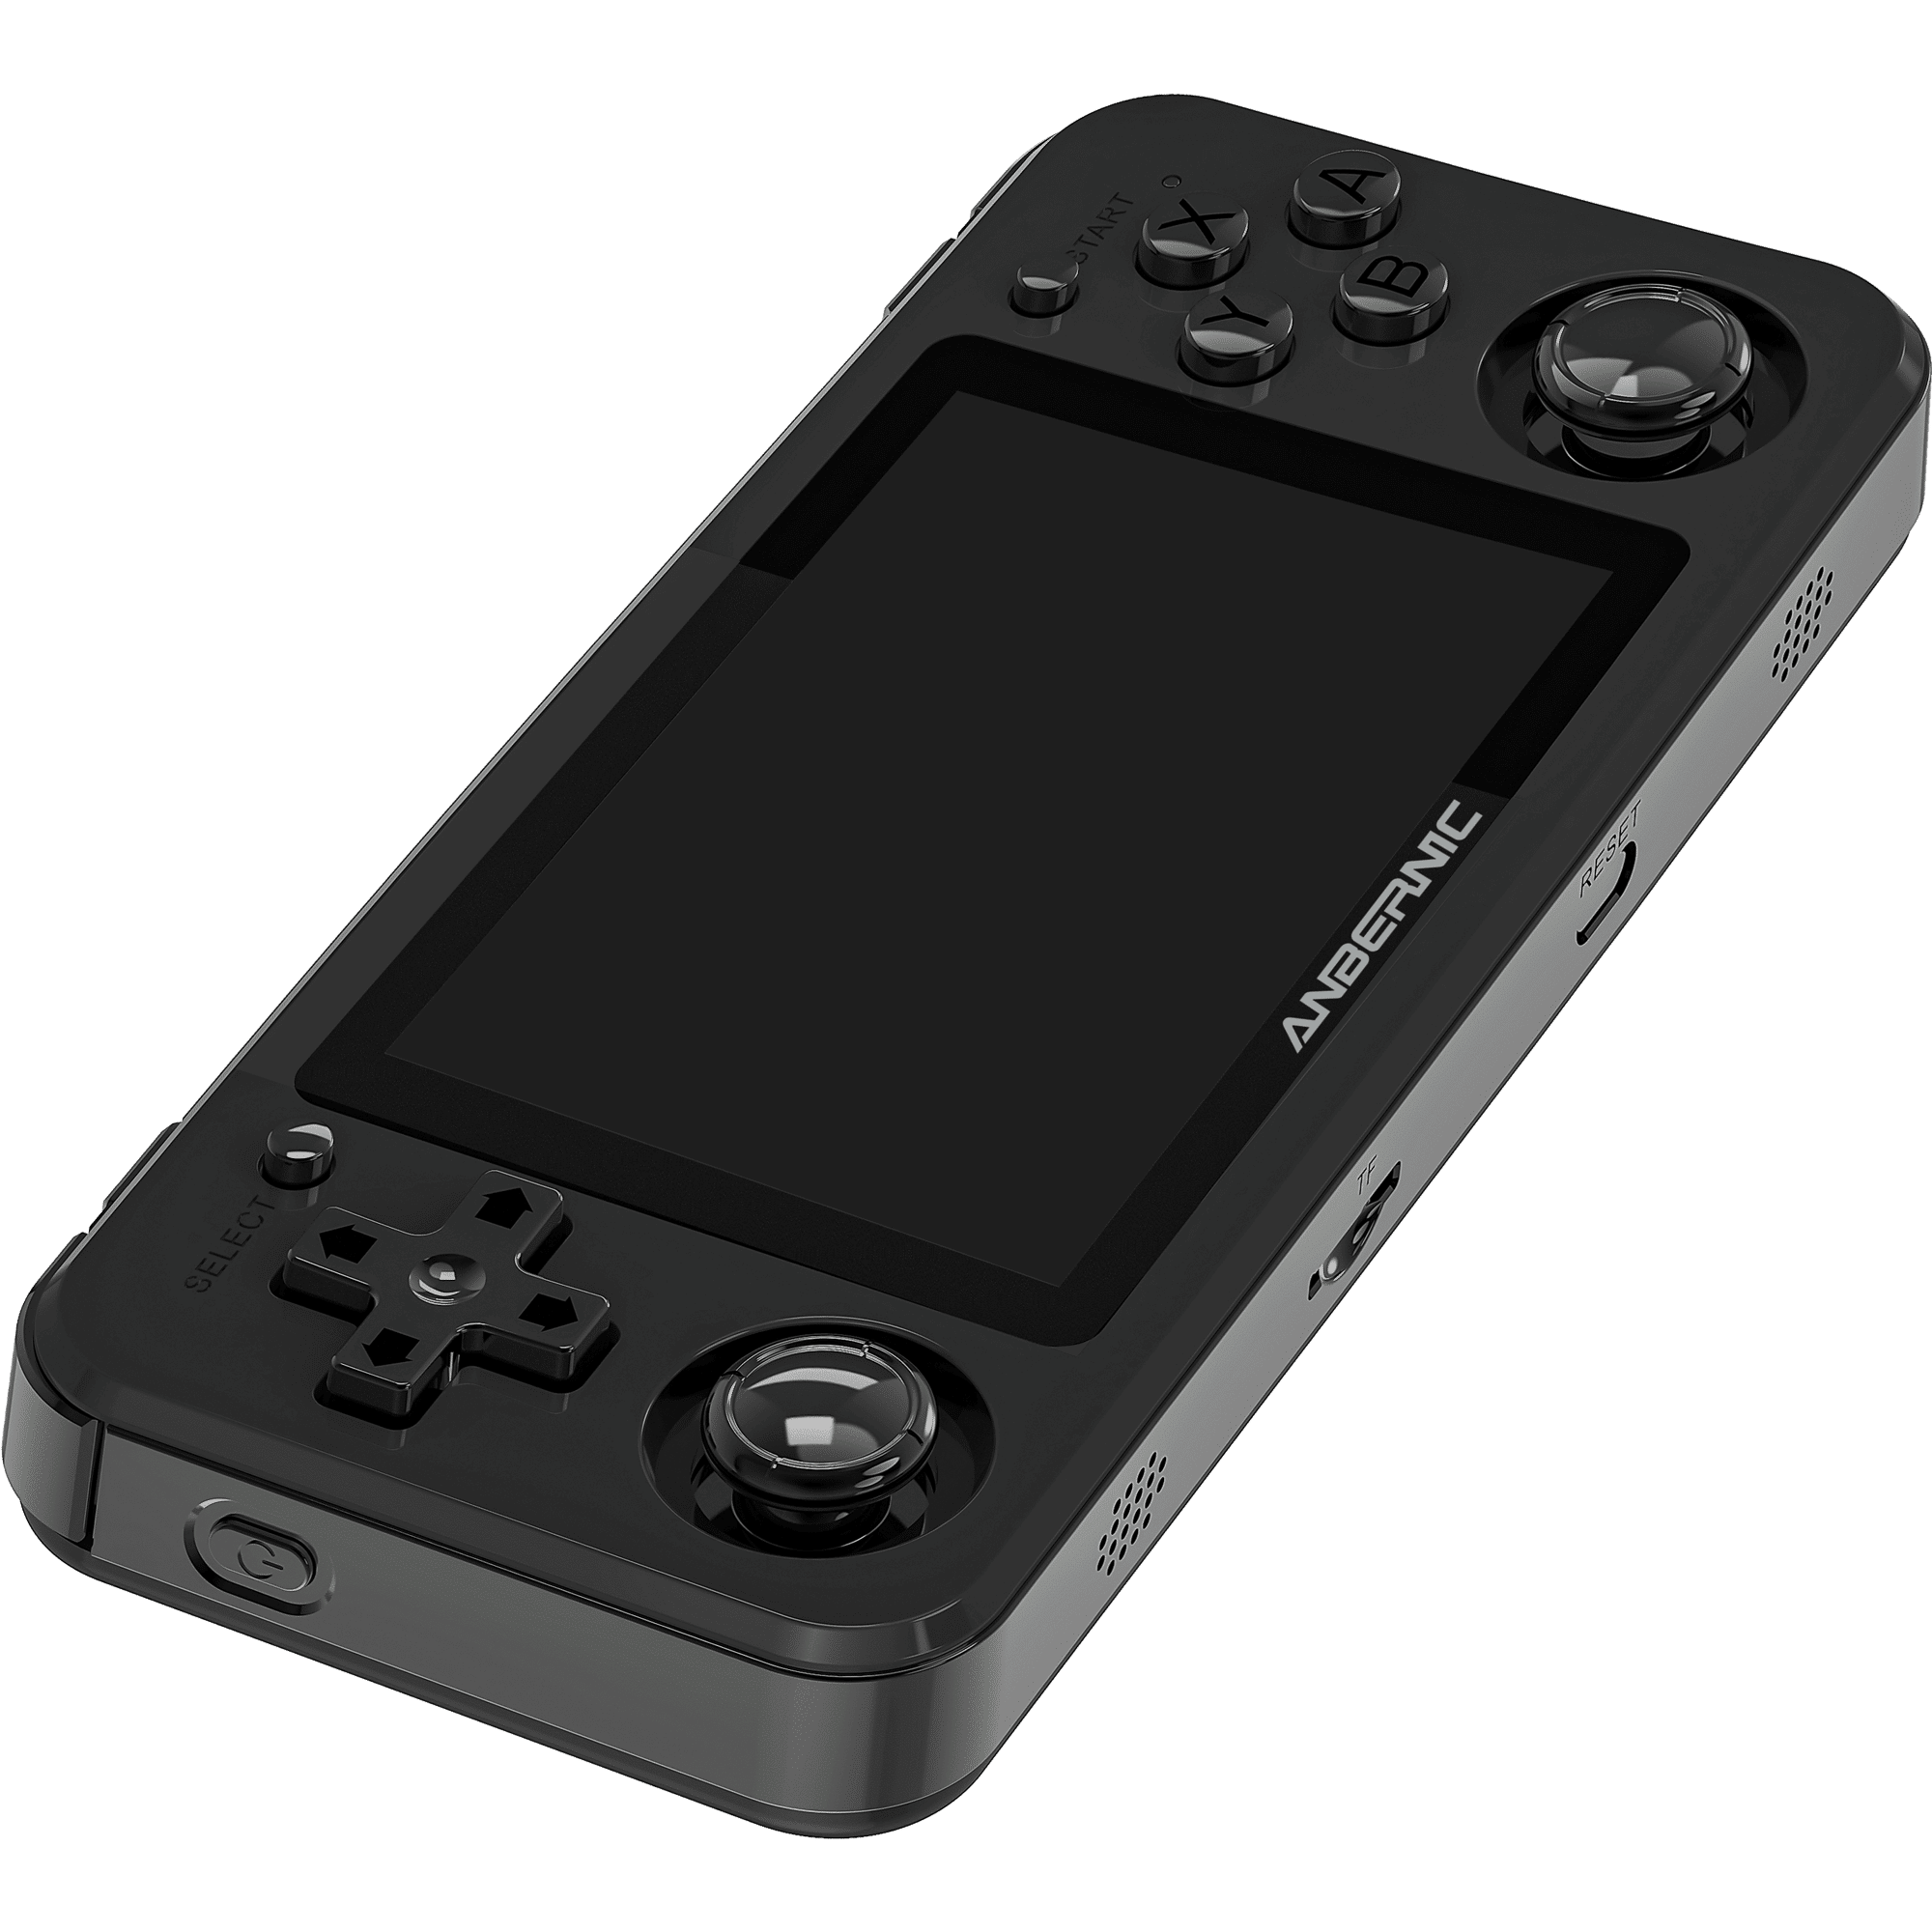 RG351P Black Retro Gaming Emulator - Showing Front laying down